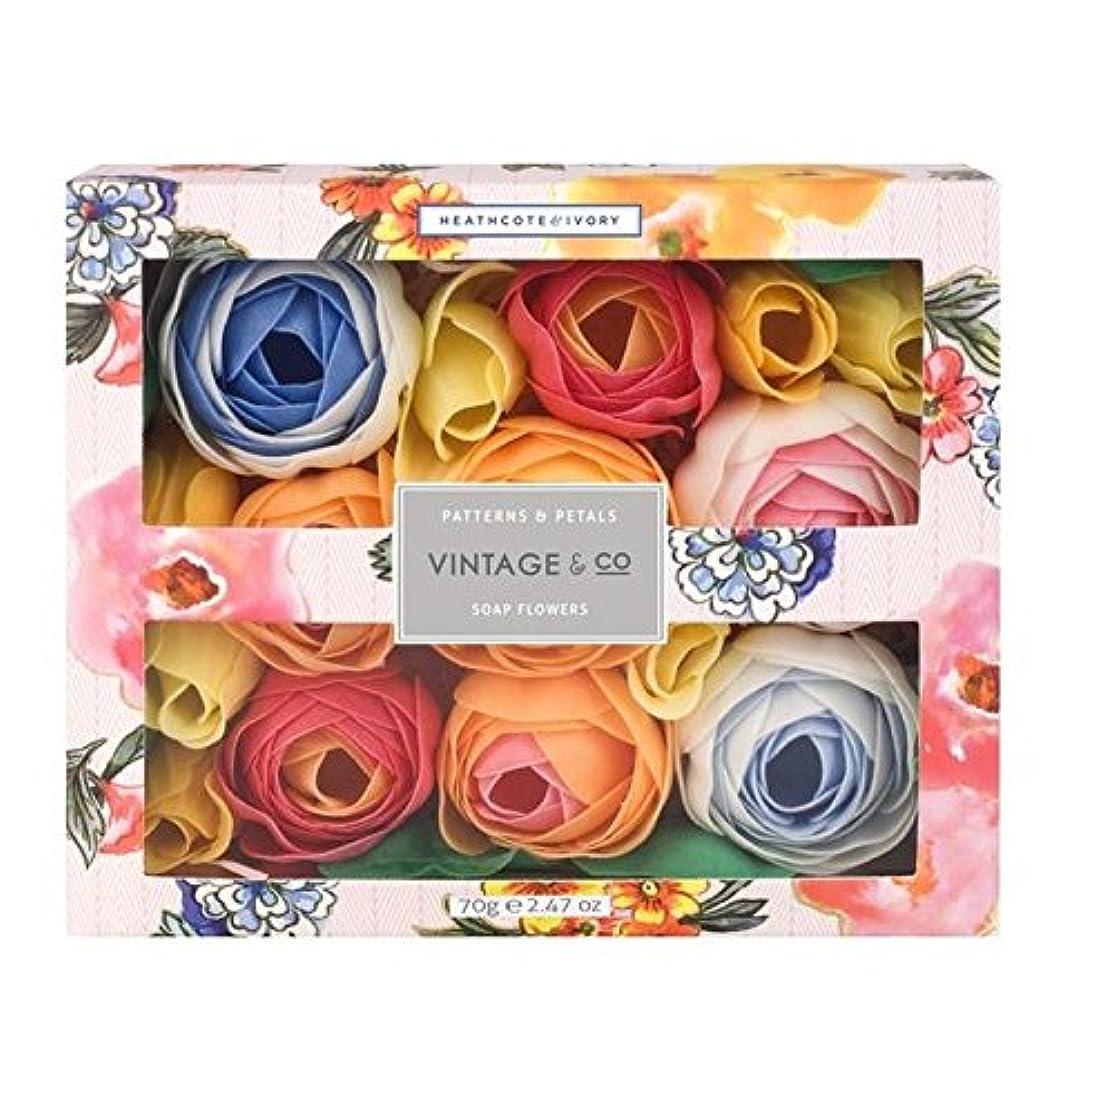 不安定太鼓腹ネイティブヒースコート&アイボリーパターン&花びら石鹸の花70グラム x2 - Heathcote & Ivory Patterns & Petals Soap Flowers 70g (Pack of 2) [並行輸入品]